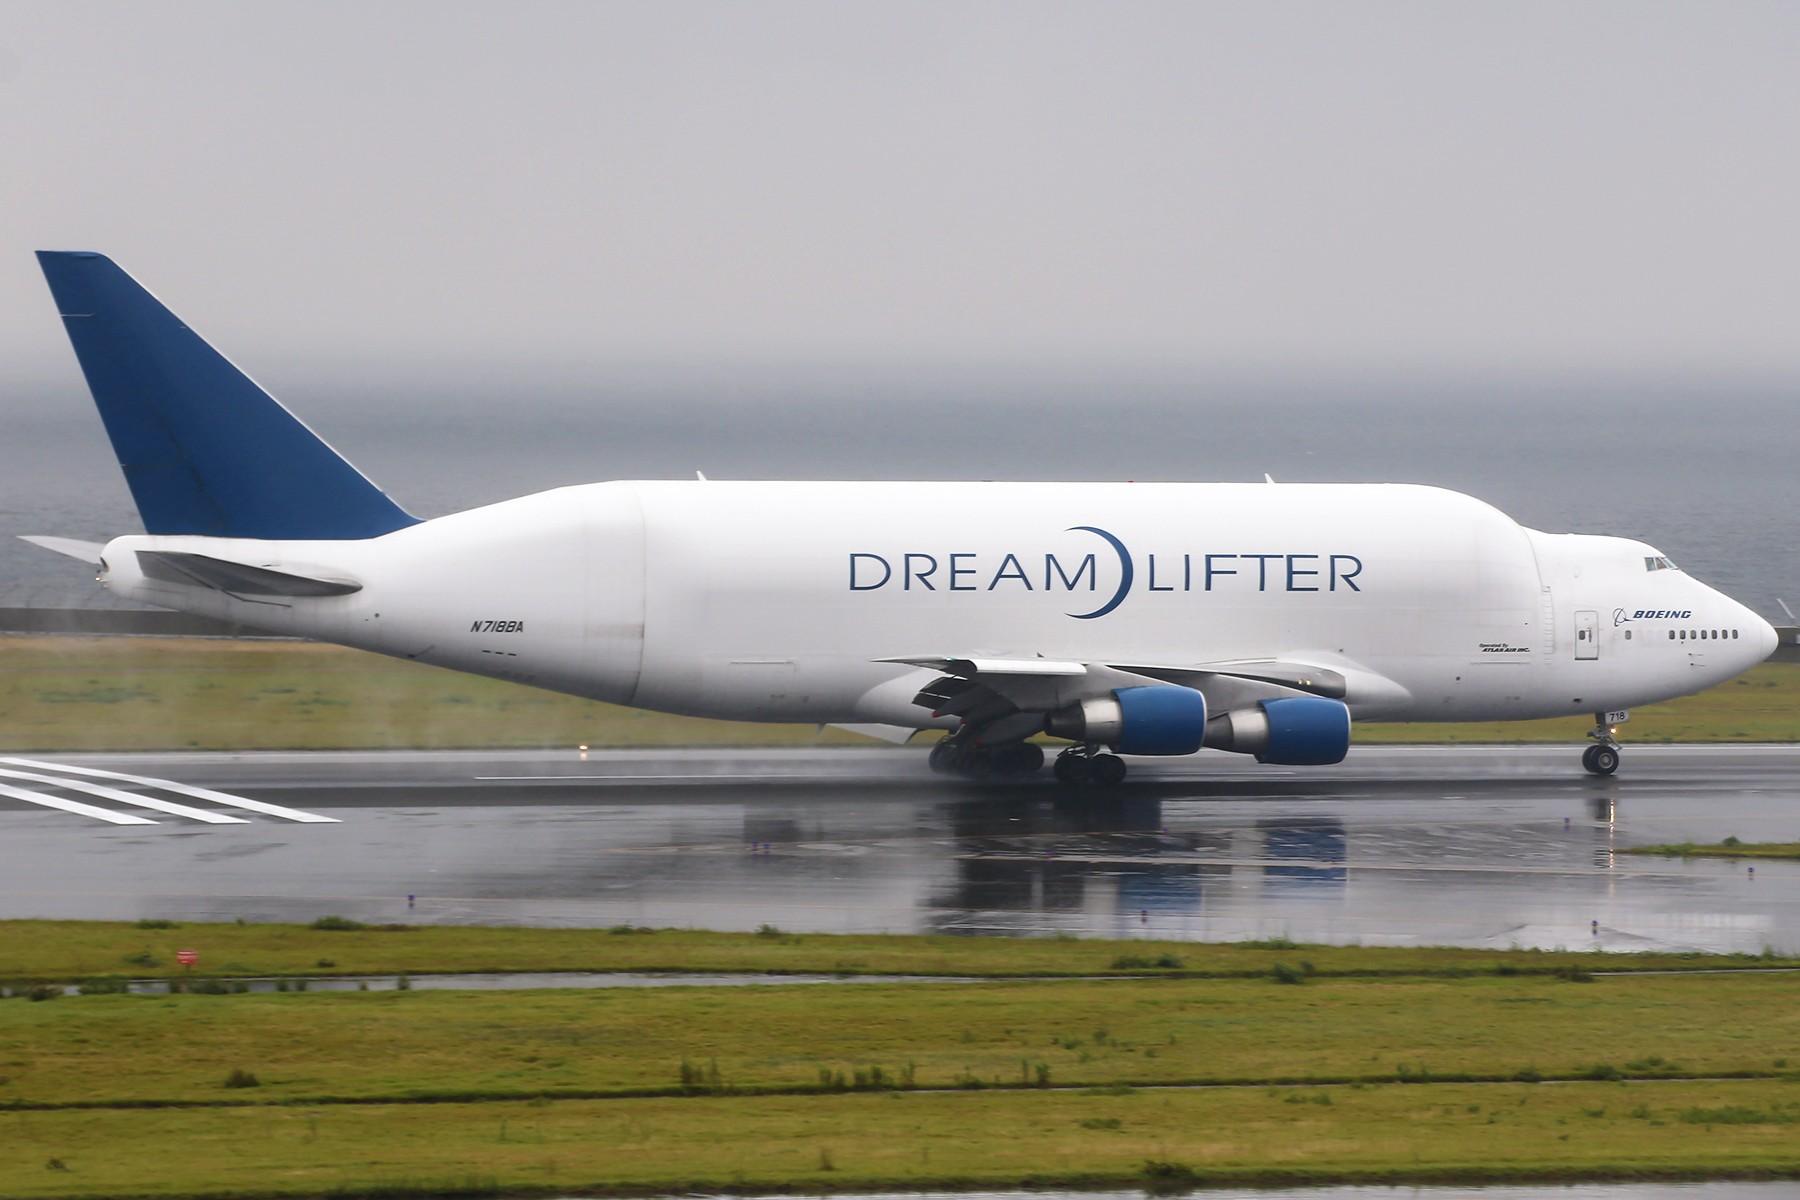 [原创]【1800*1200】驼背的梦想搬运工——波音747-LCF BOEING 747-409(LCF) DREAMLIFTER N780BA 日本名古屋中部/新特丽亚机场